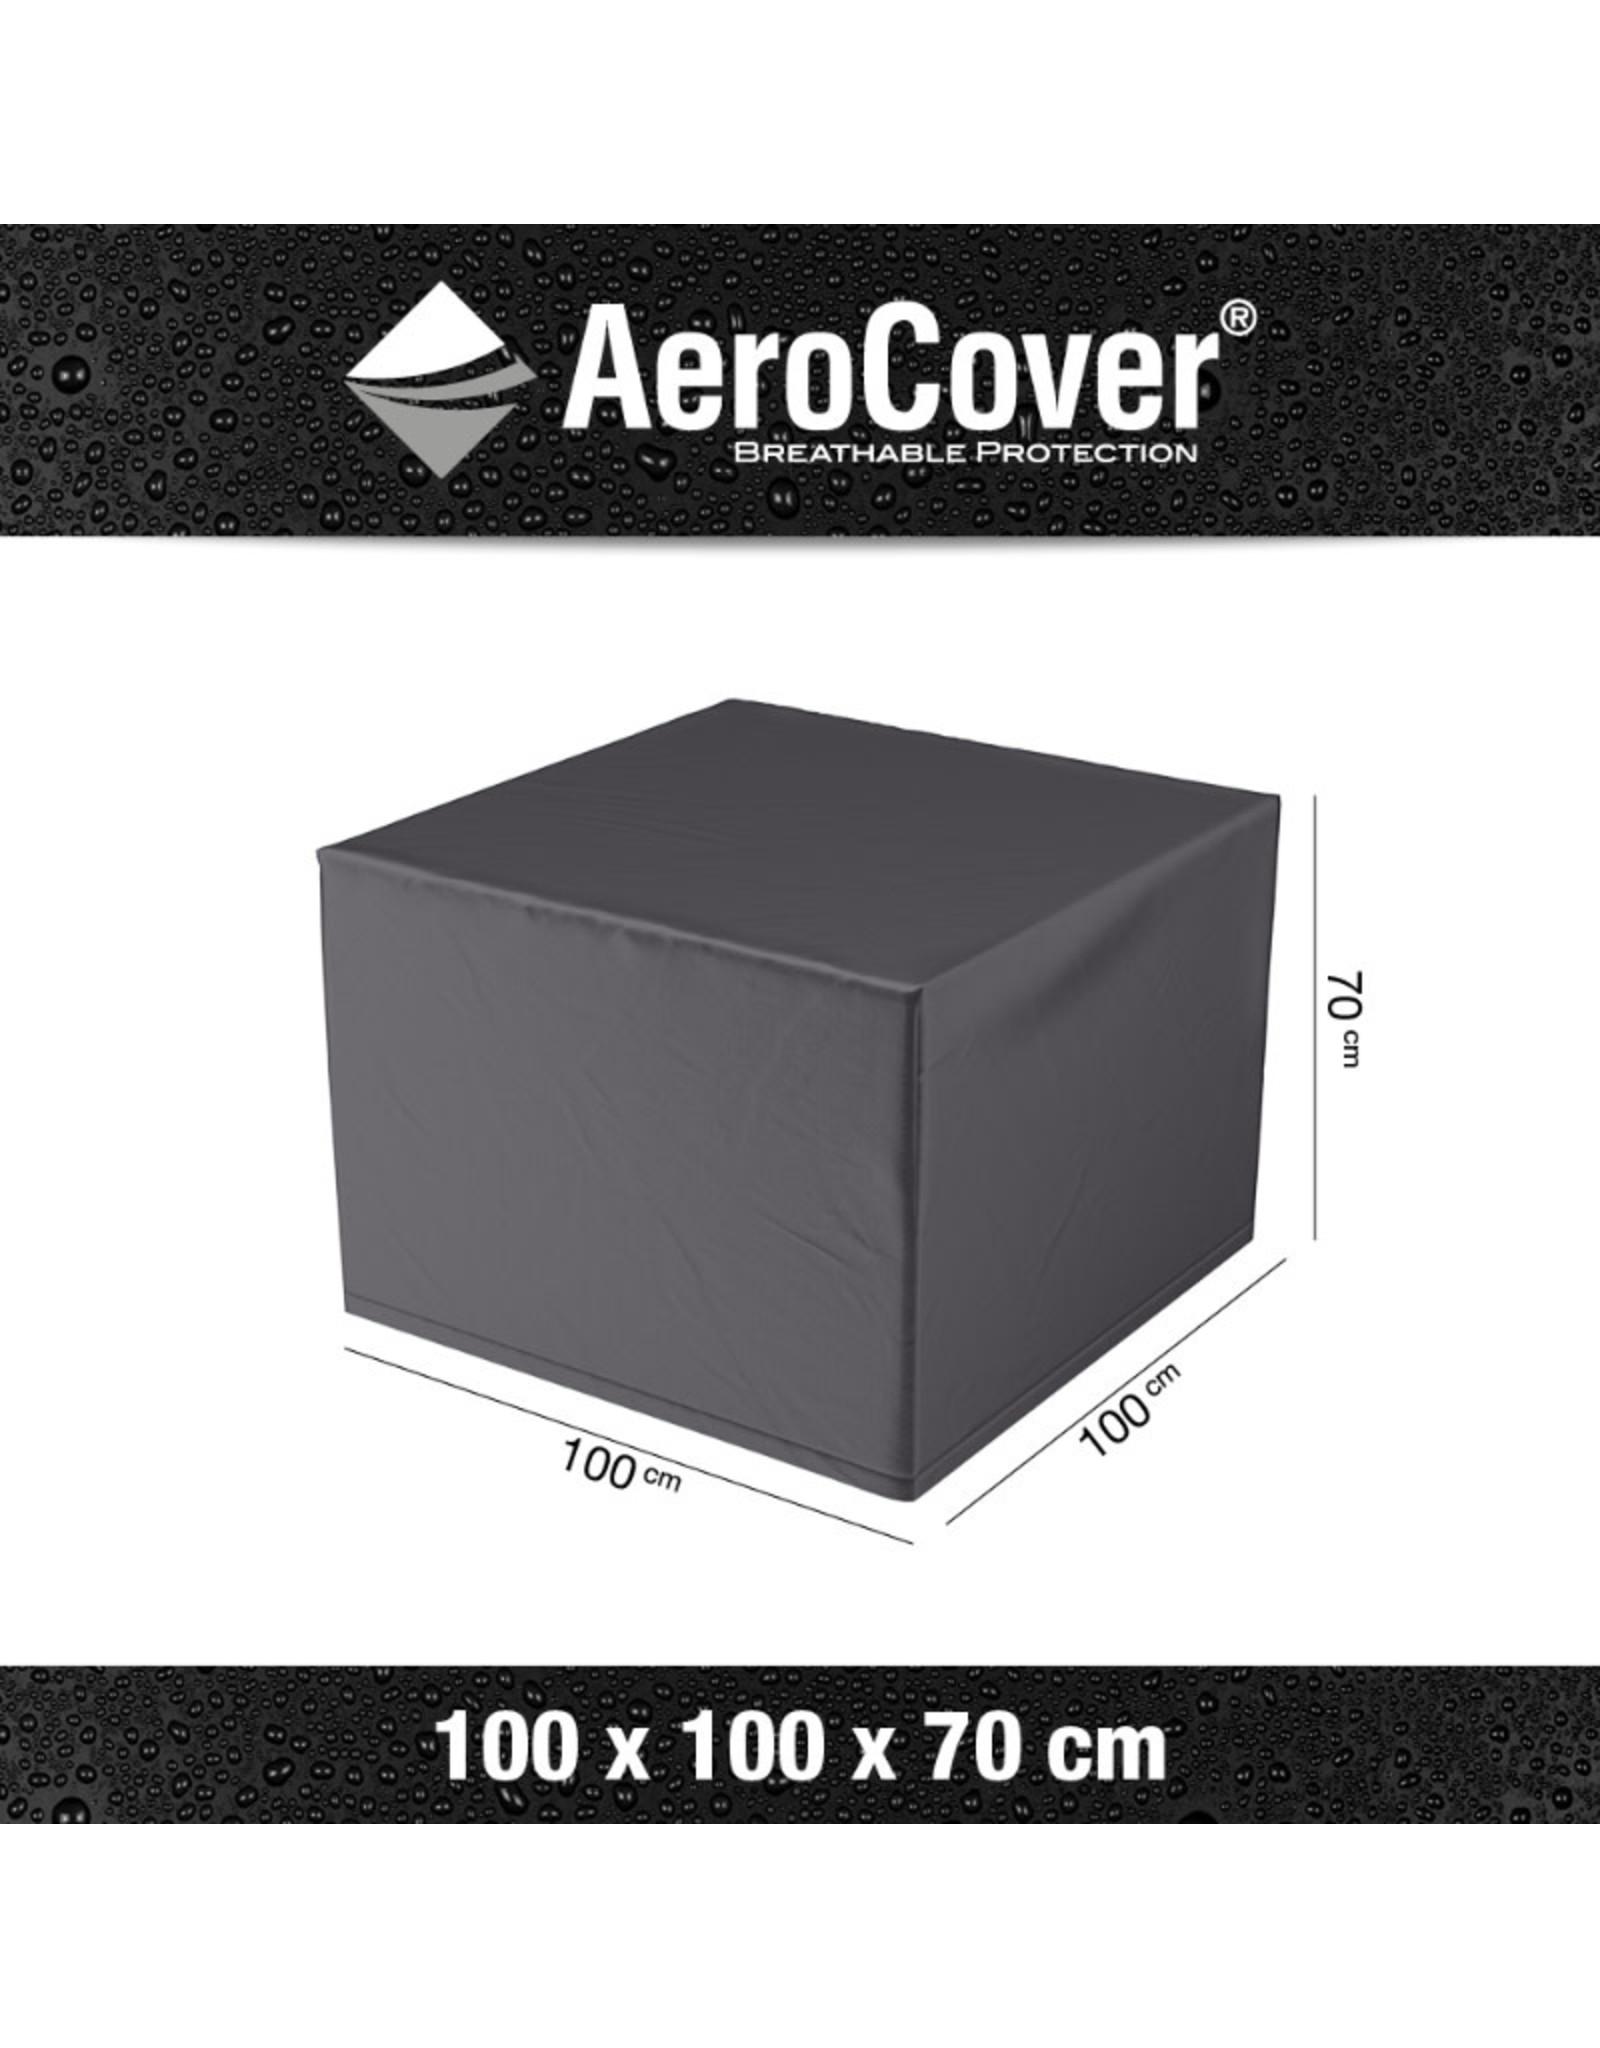 Aerocover AeroCover Loungestoelhoes 100x100xH70